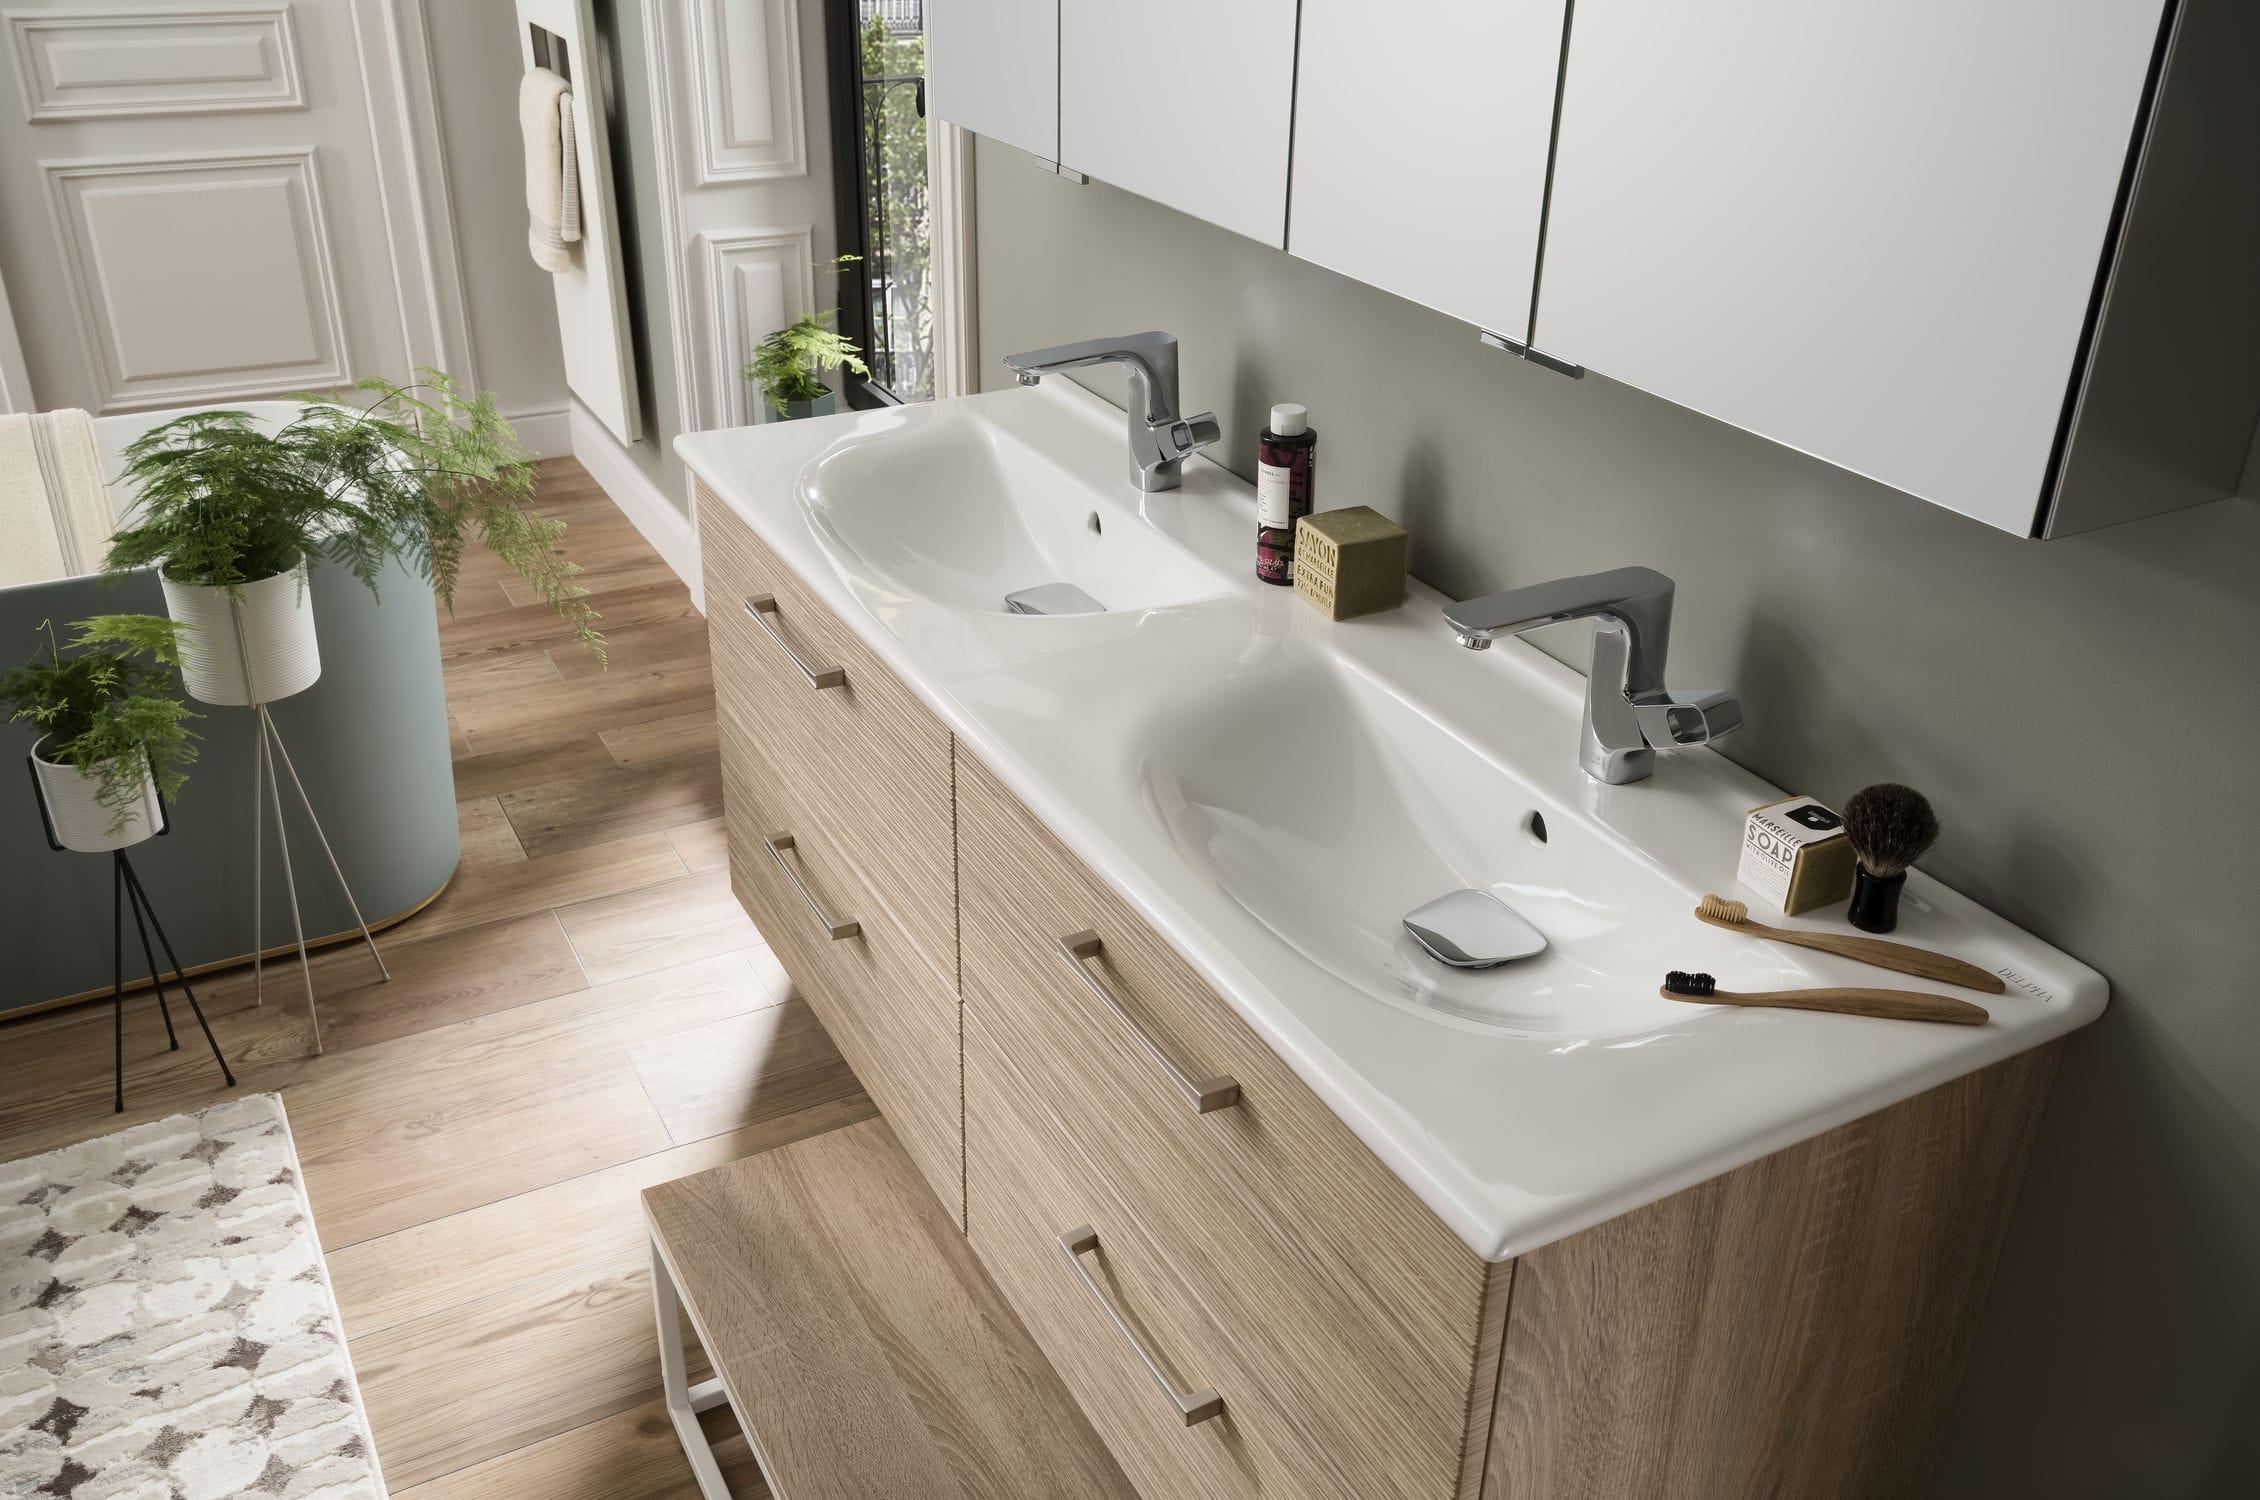 Contemporary bathroom / ceramic / oak / custom - UNIQUE Onde ...